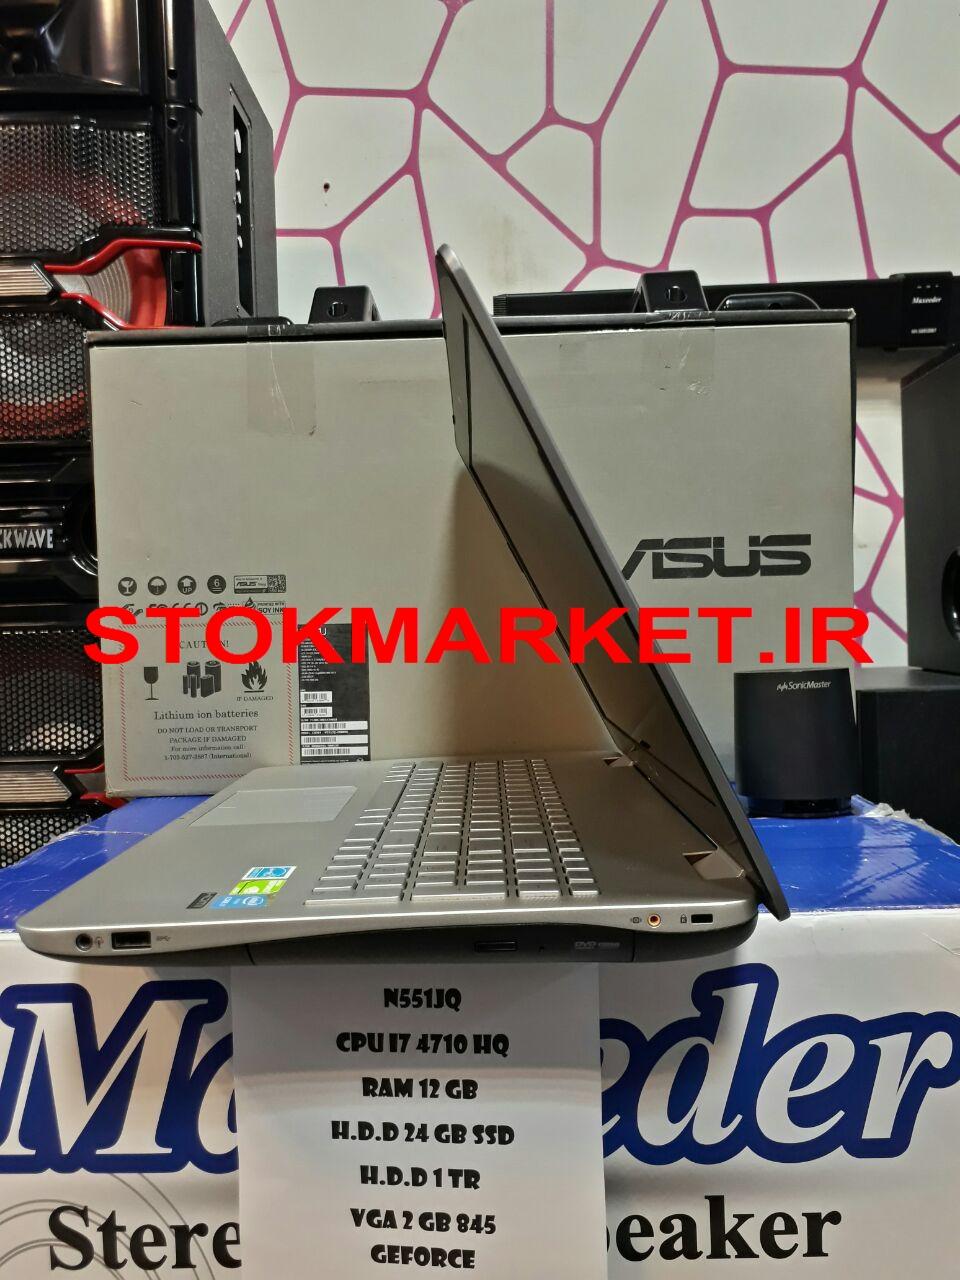 لپ تاپ دست دوم ایسوس Asus n551jq